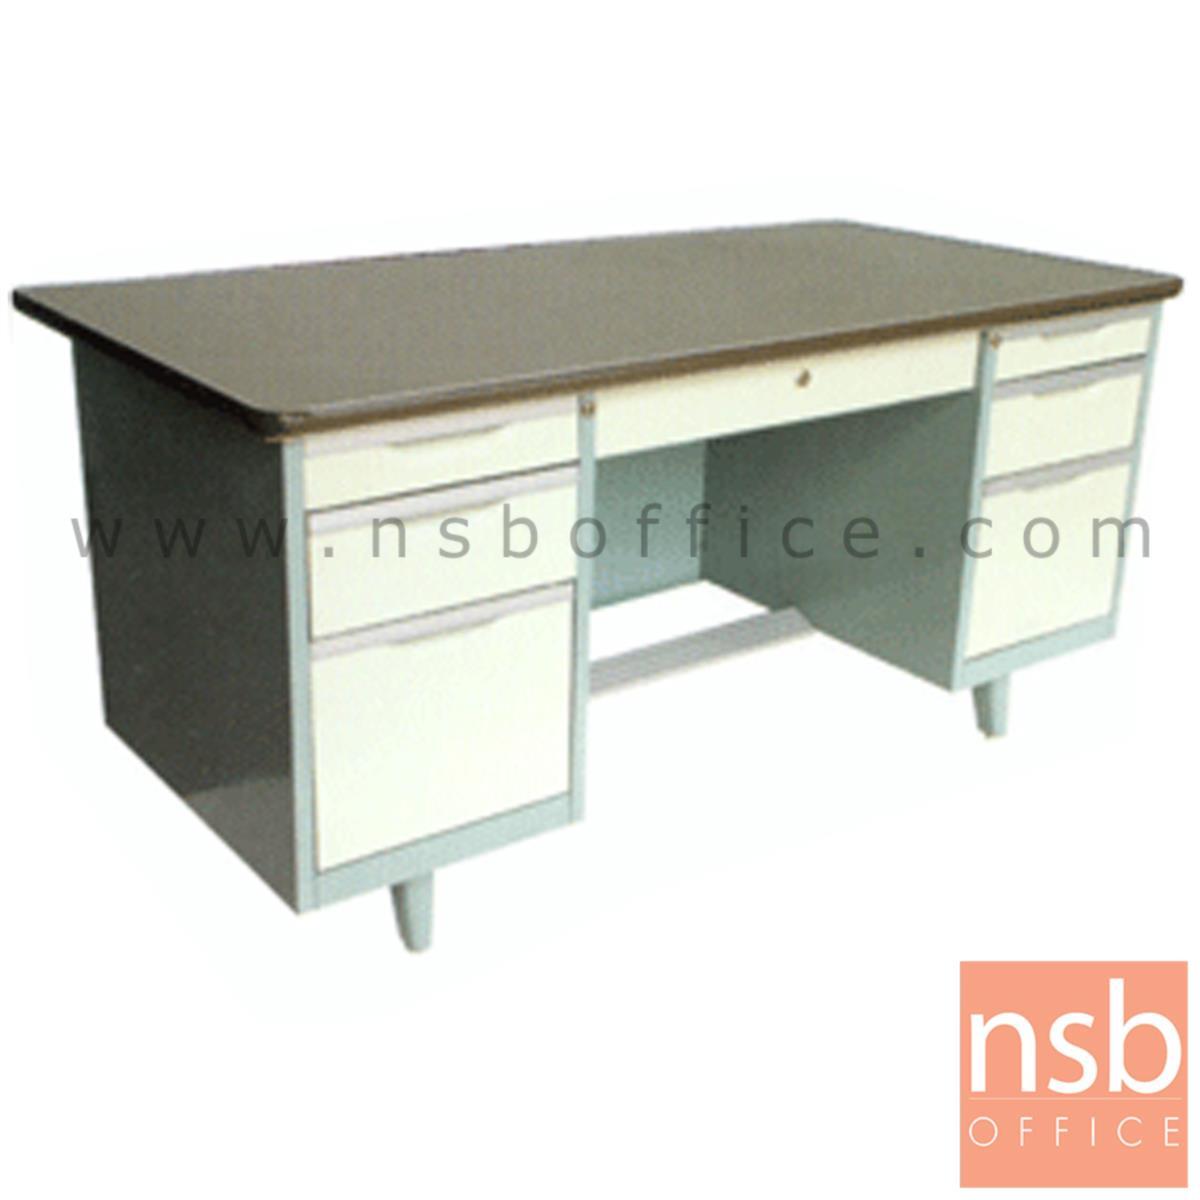 E22A007:โต๊ะทำงานเหล็กหน้าเหล็ก PVC 7 ลิ้นชัก รุ่น ST-5460 ขนาด 4.5 ,5 ฟุต